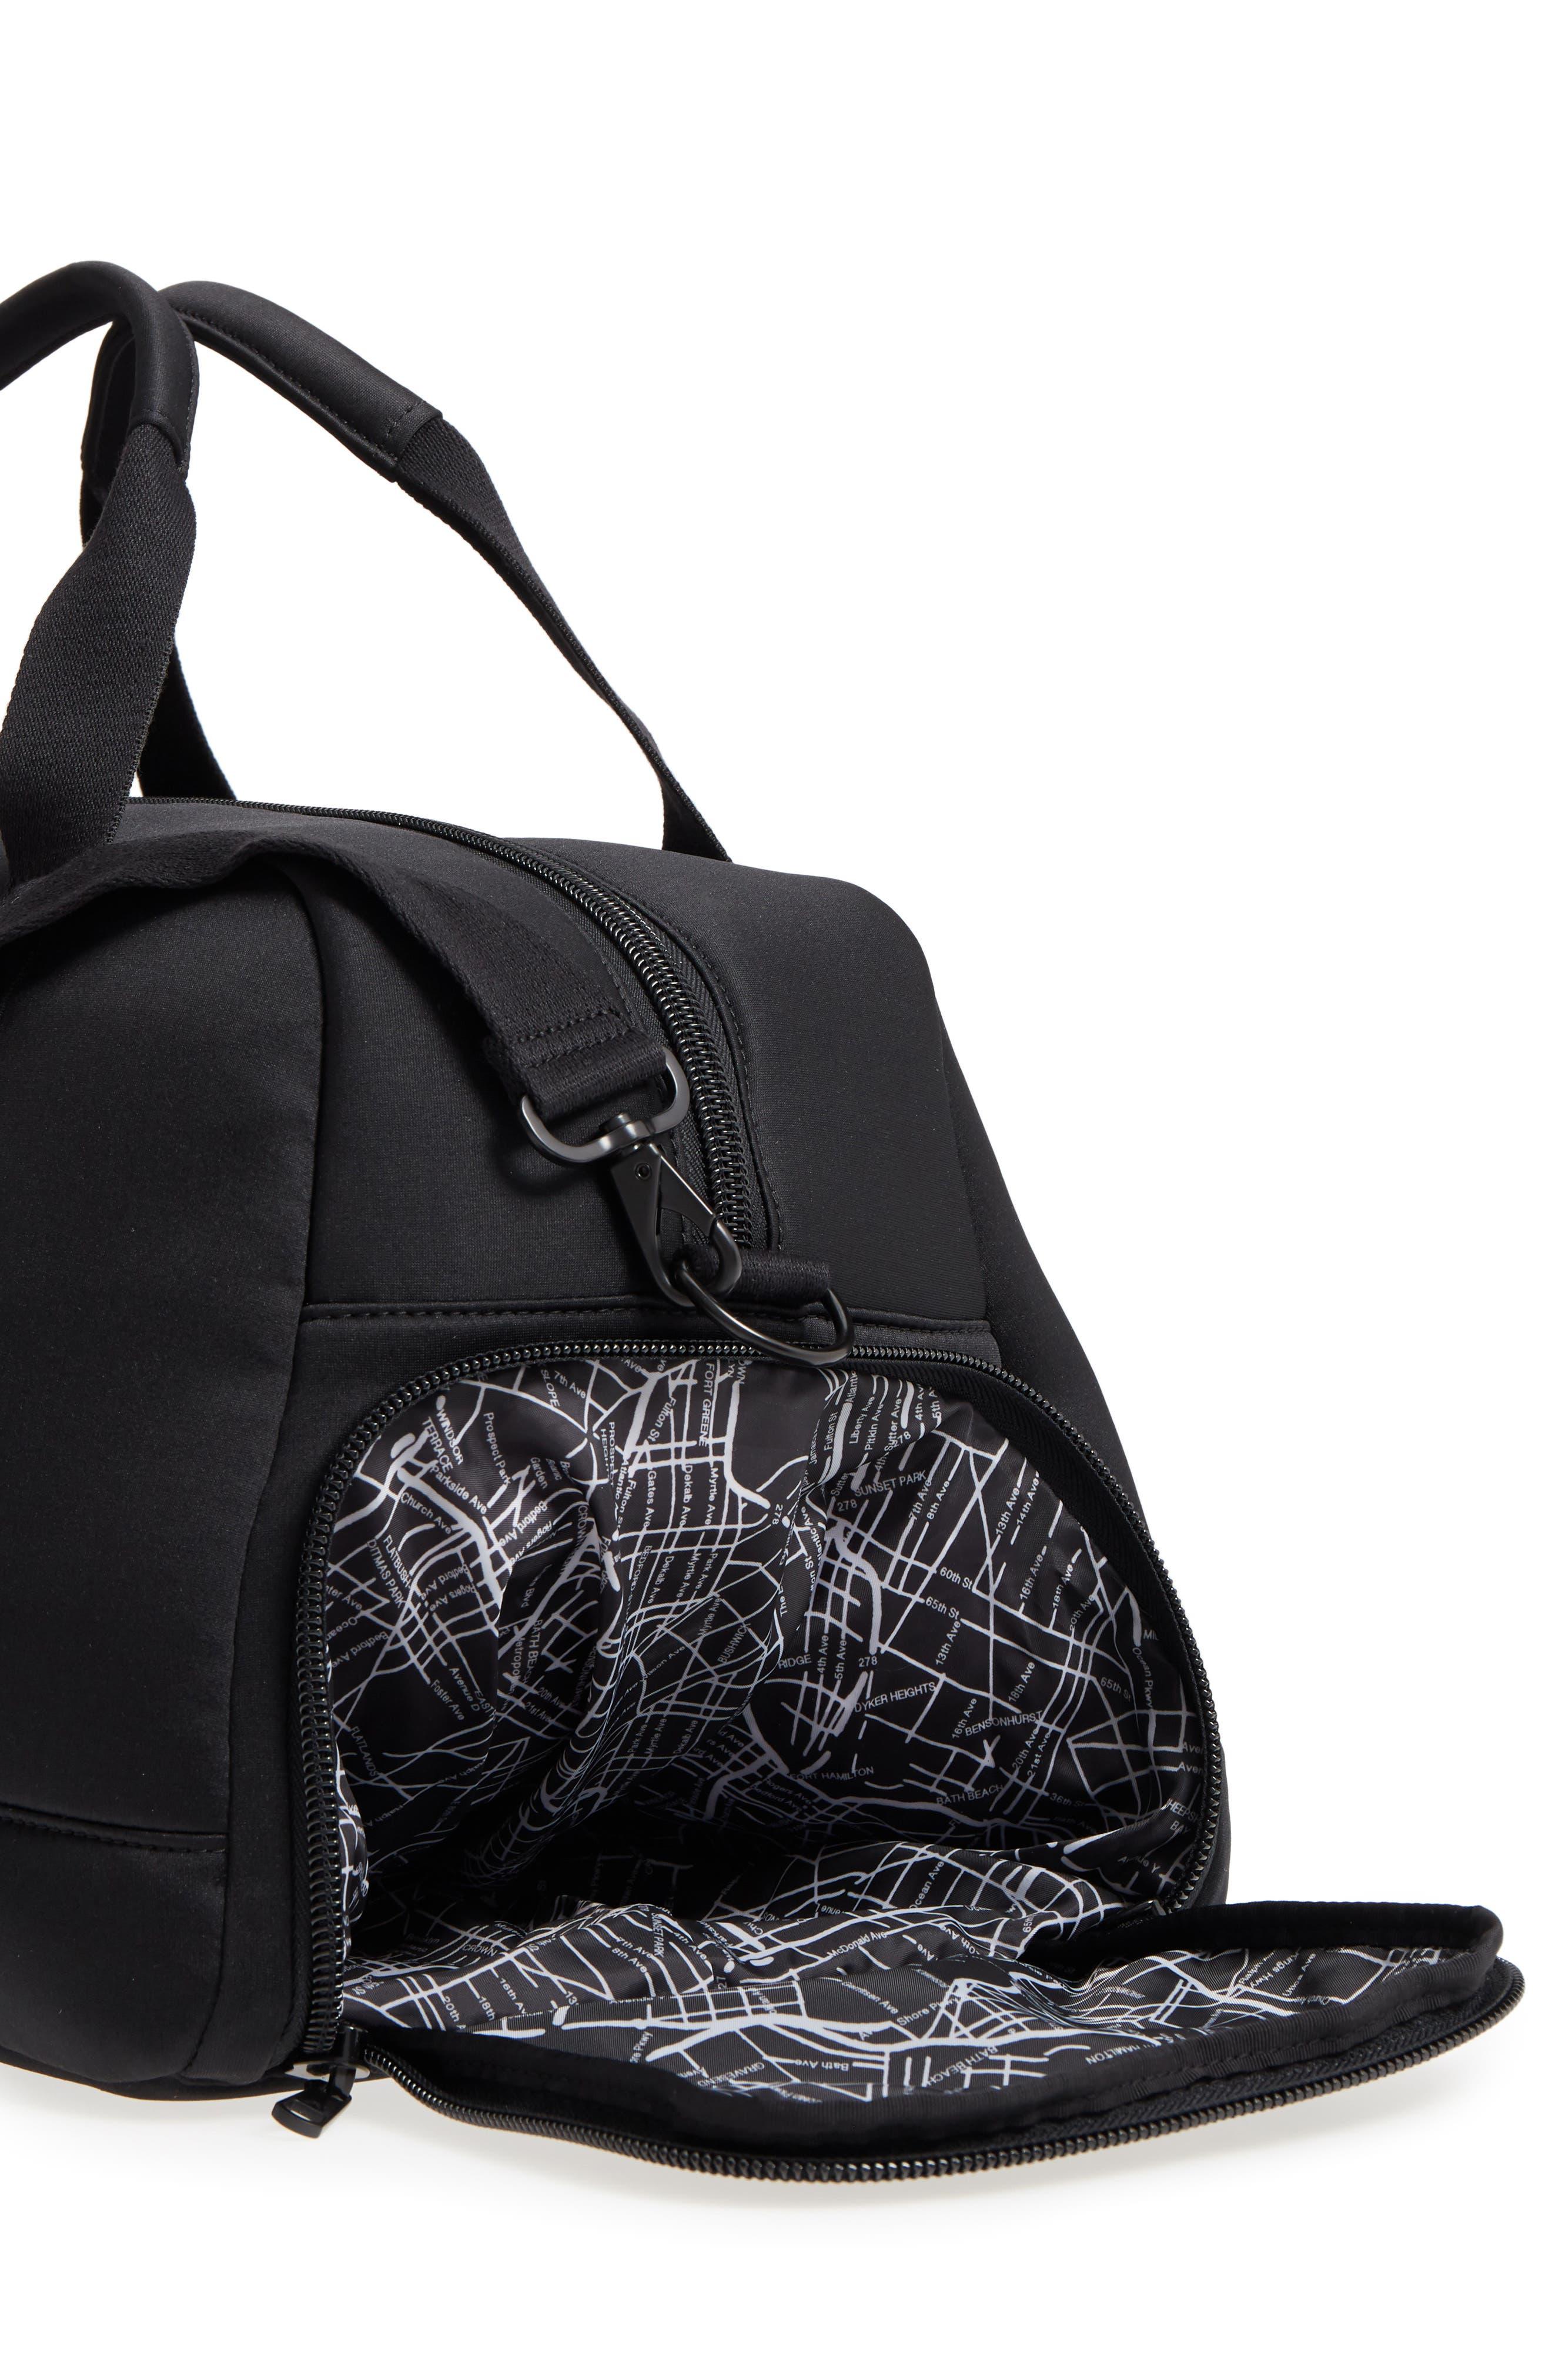 Franklin Neoprene Duffel Bag,                             Alternate thumbnail 4, color,                             Black